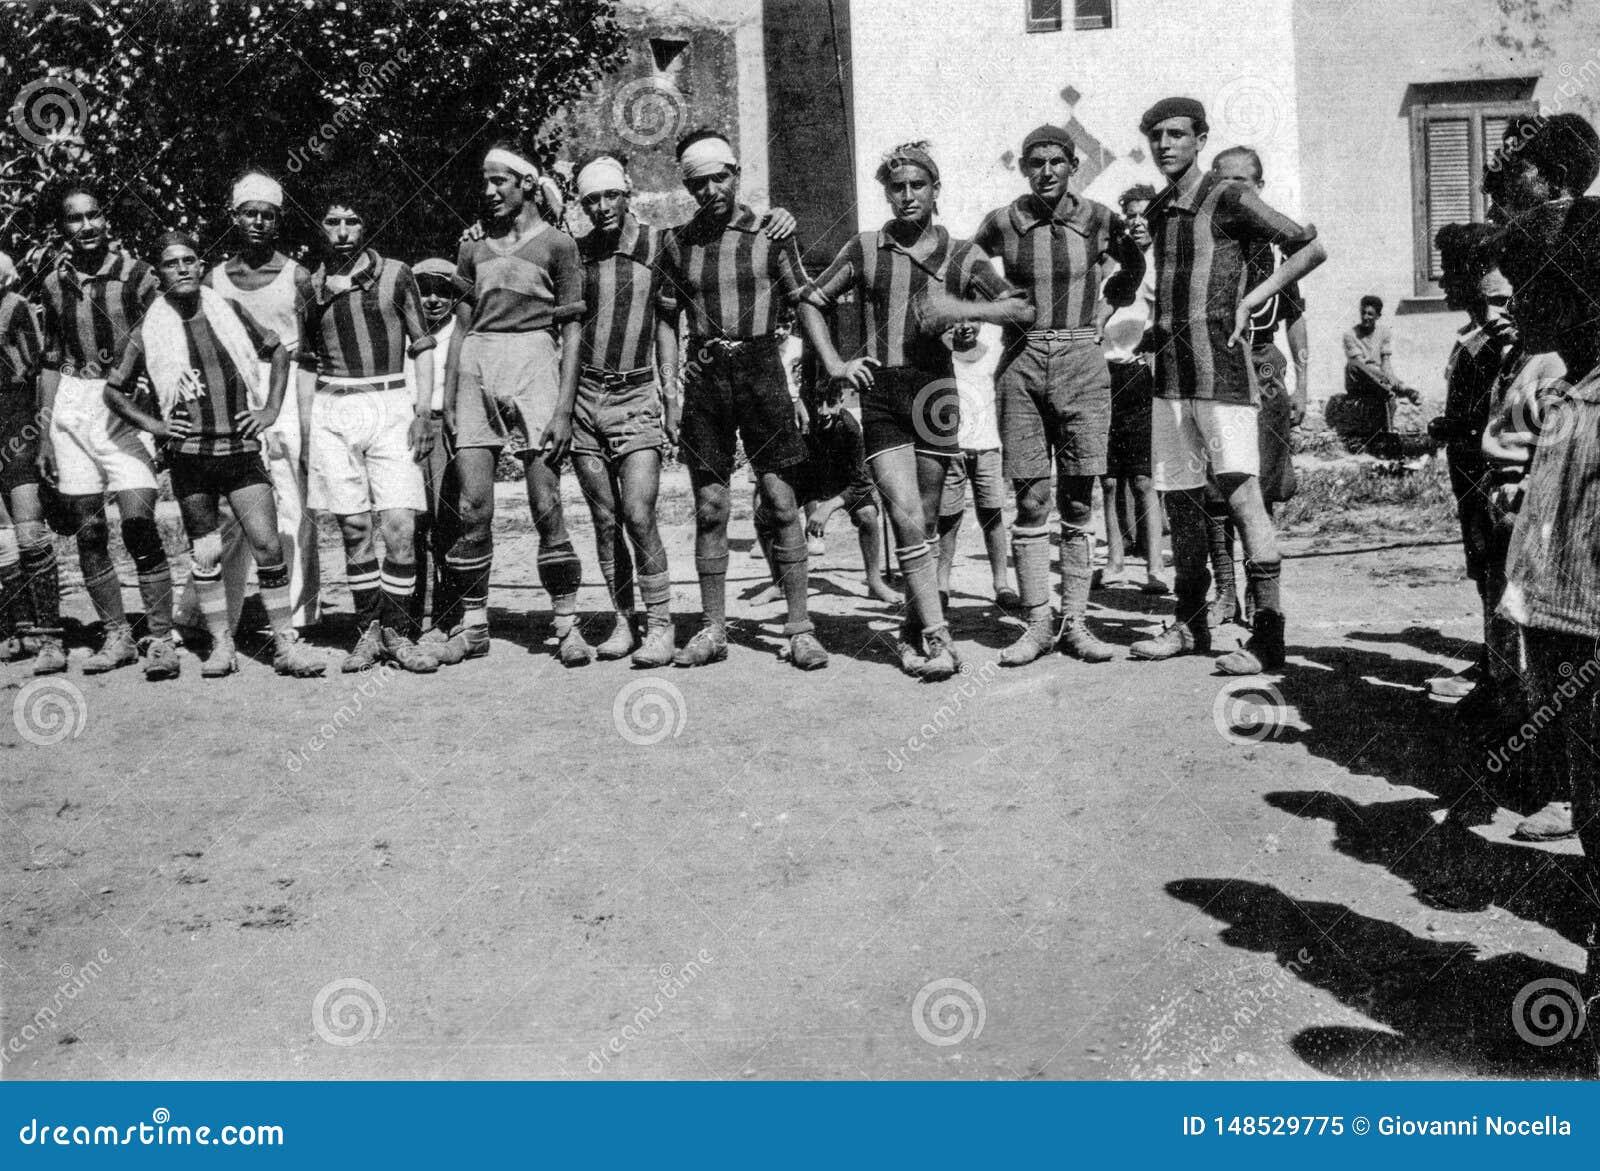 Capri Italien, 1934 - Caprese spelare poserar efter en fotbollsmatch i Capri